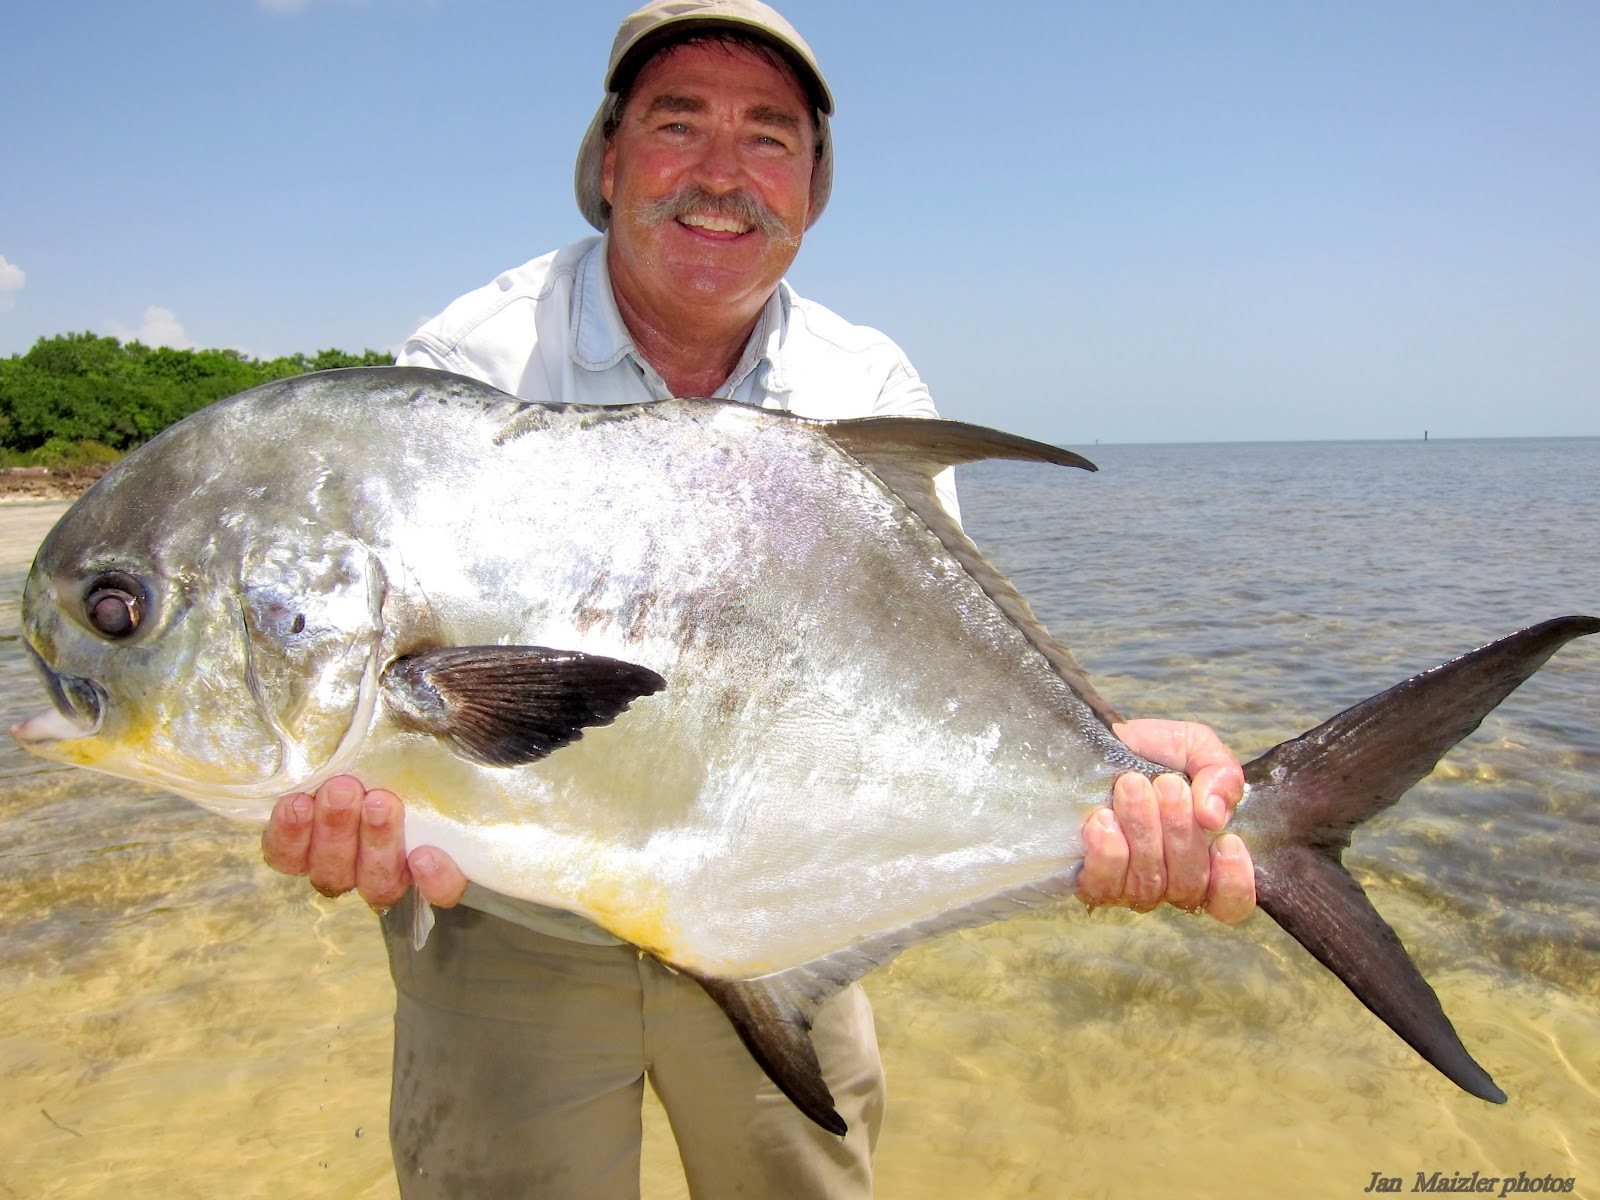 Flatsfishingonline more images of capt bob branham by for Capt bob fishing